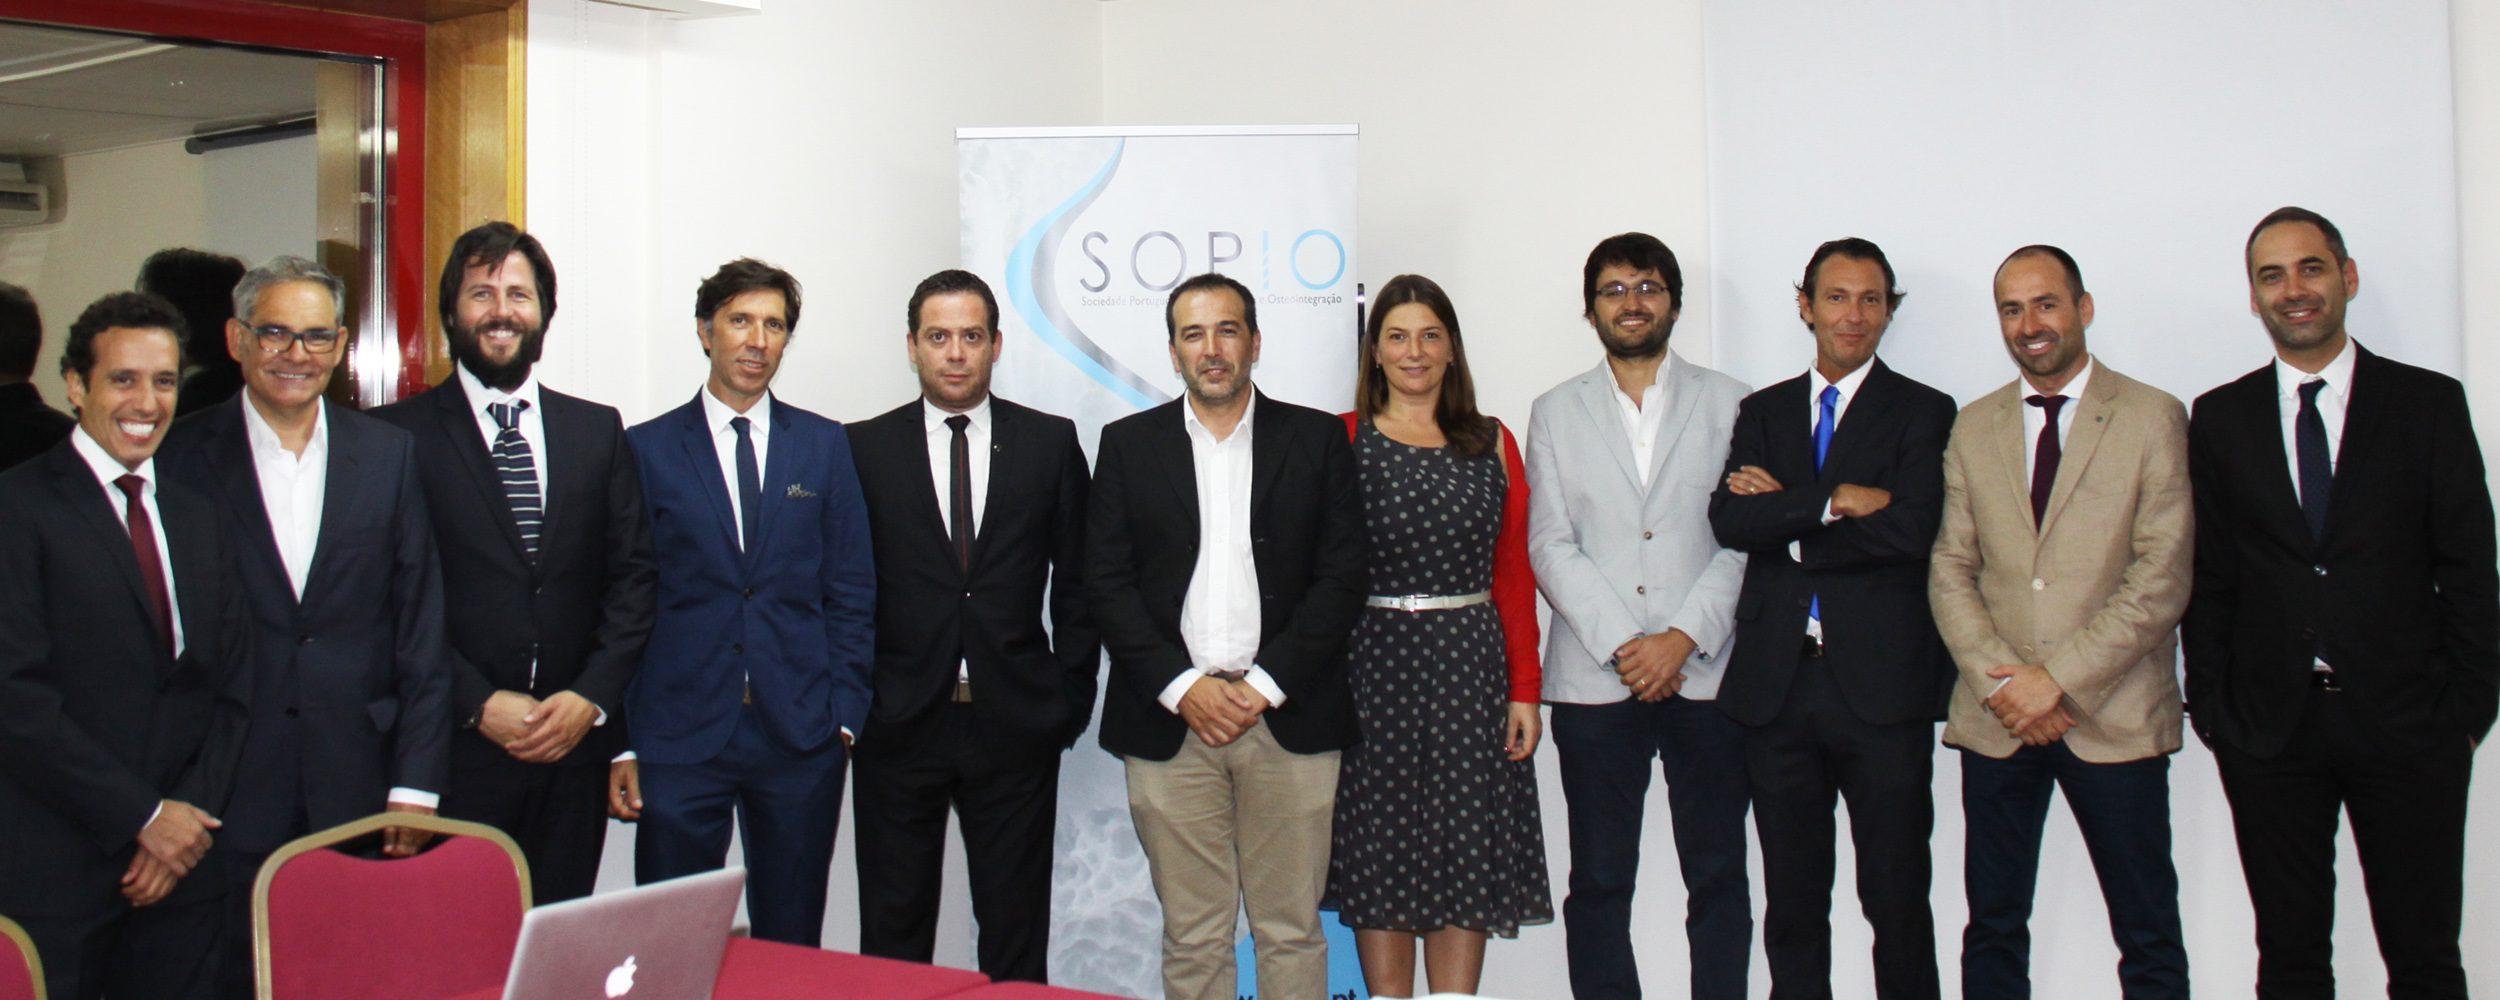 Nomeação e tomada de posse dos corpos sociais da SOPIO